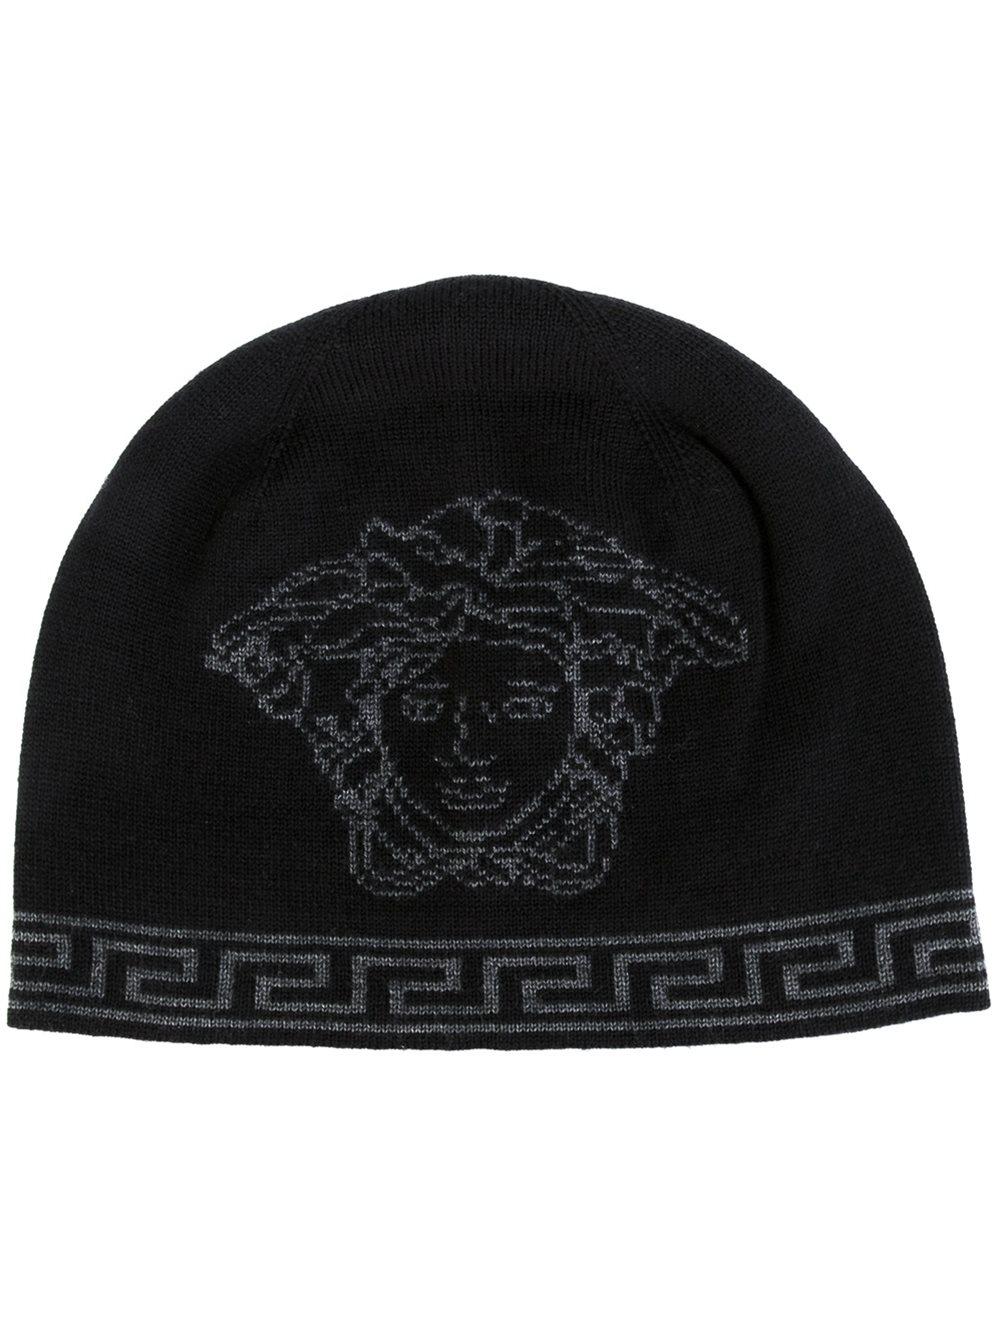 Versace Homme Chapeaux  u0026 Bonnets Bonnet - camello grigio,Versace t  shirt prix, . 202c1ccaa80